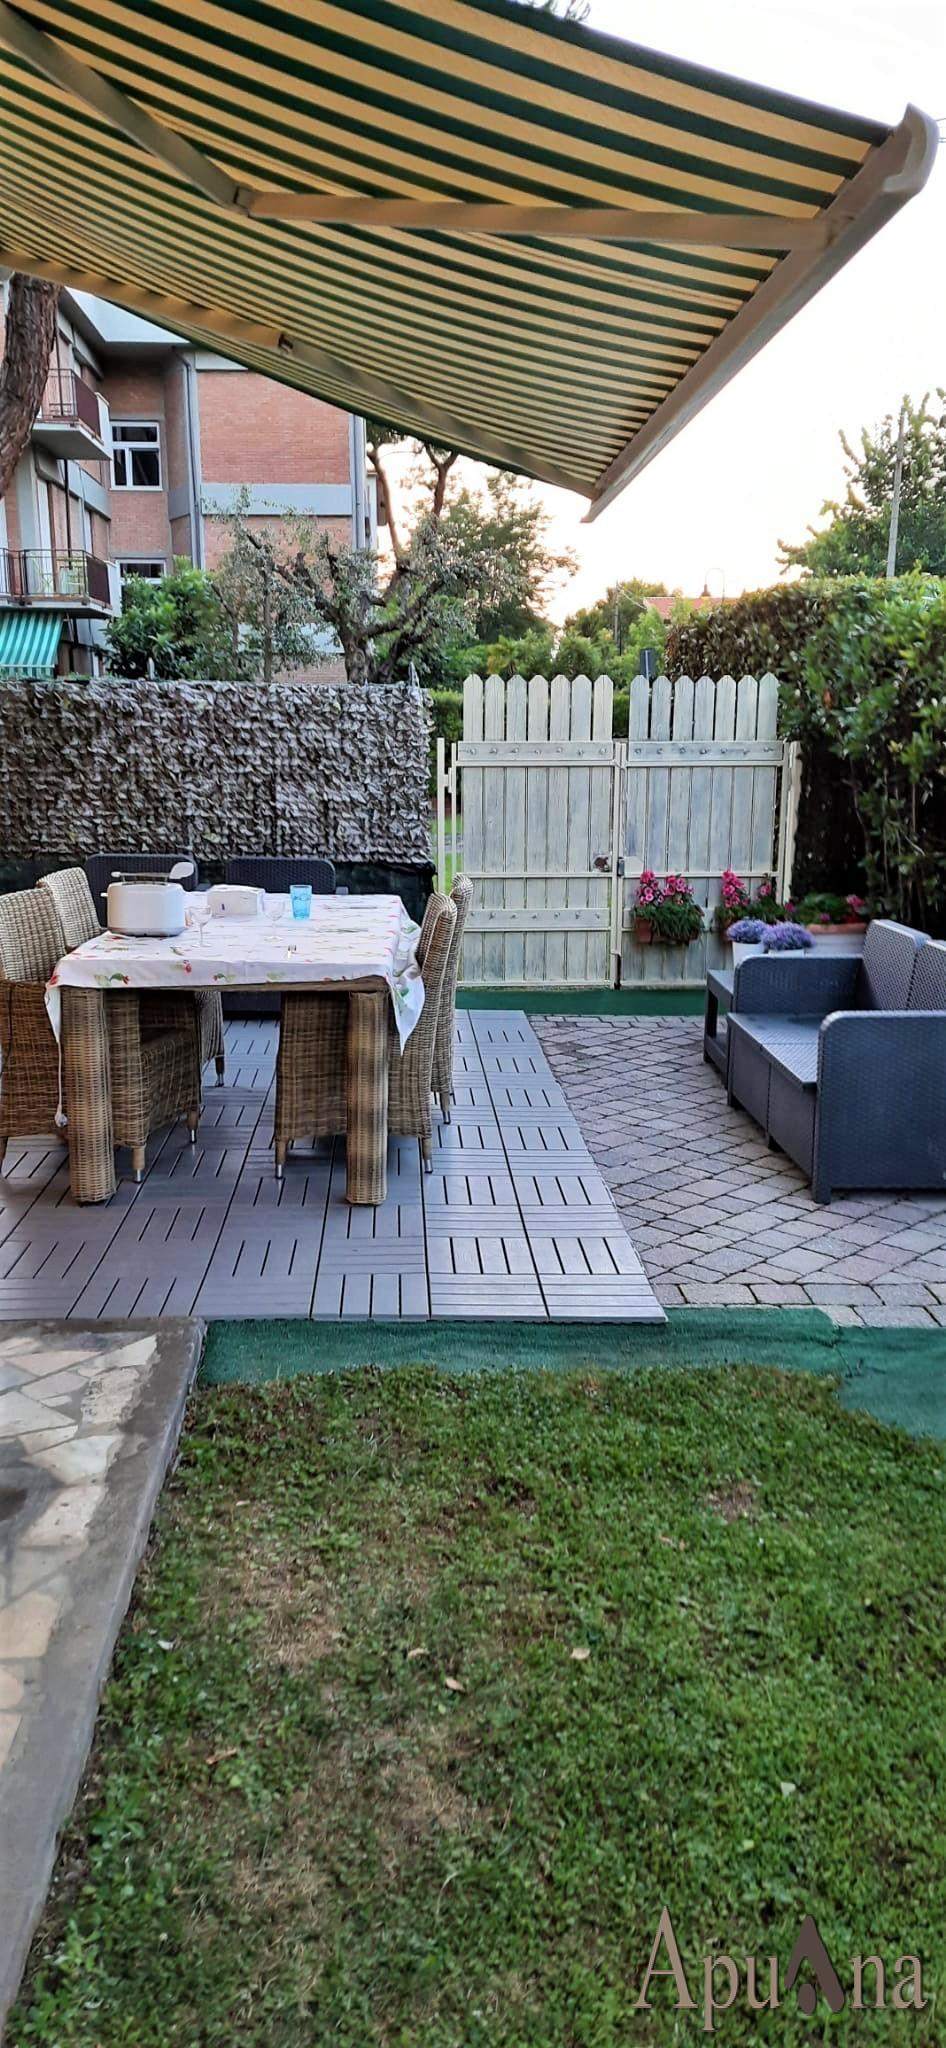 Appartamento in vendita a Montignoso, 3 locali, prezzo € 300.000 | PortaleAgenzieImmobiliari.it